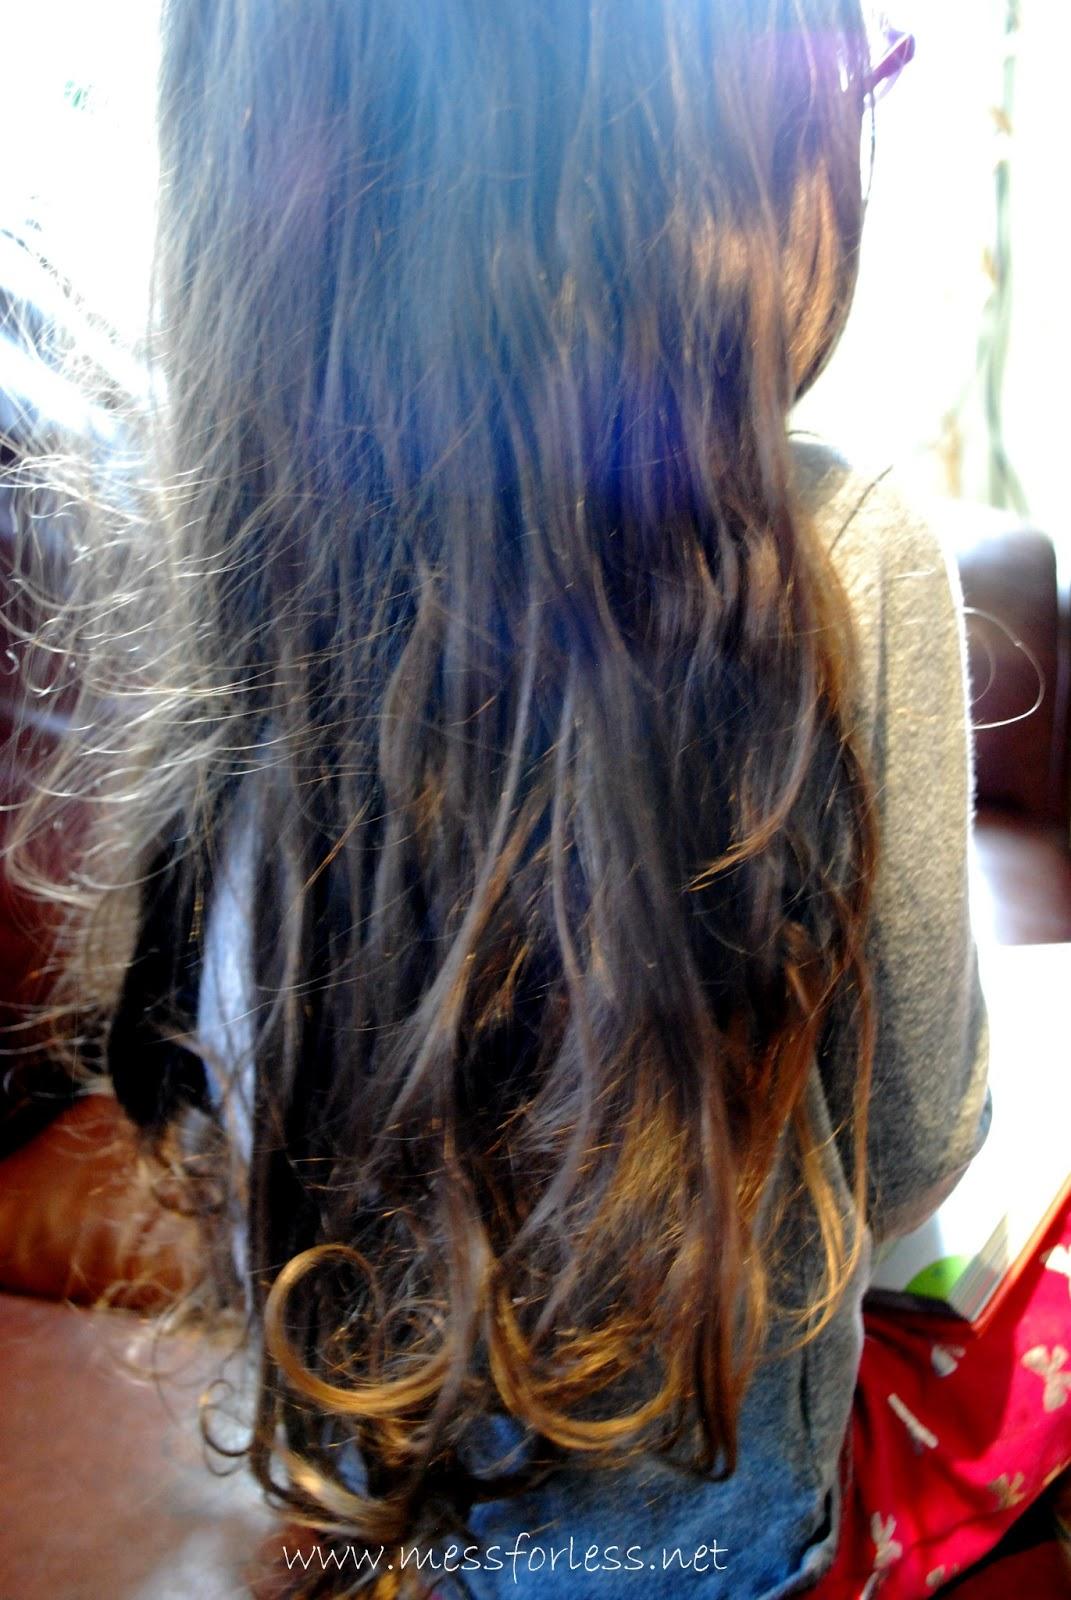 Get Rid Of Hair Tangles Plus A Recipe For Hair Detangler